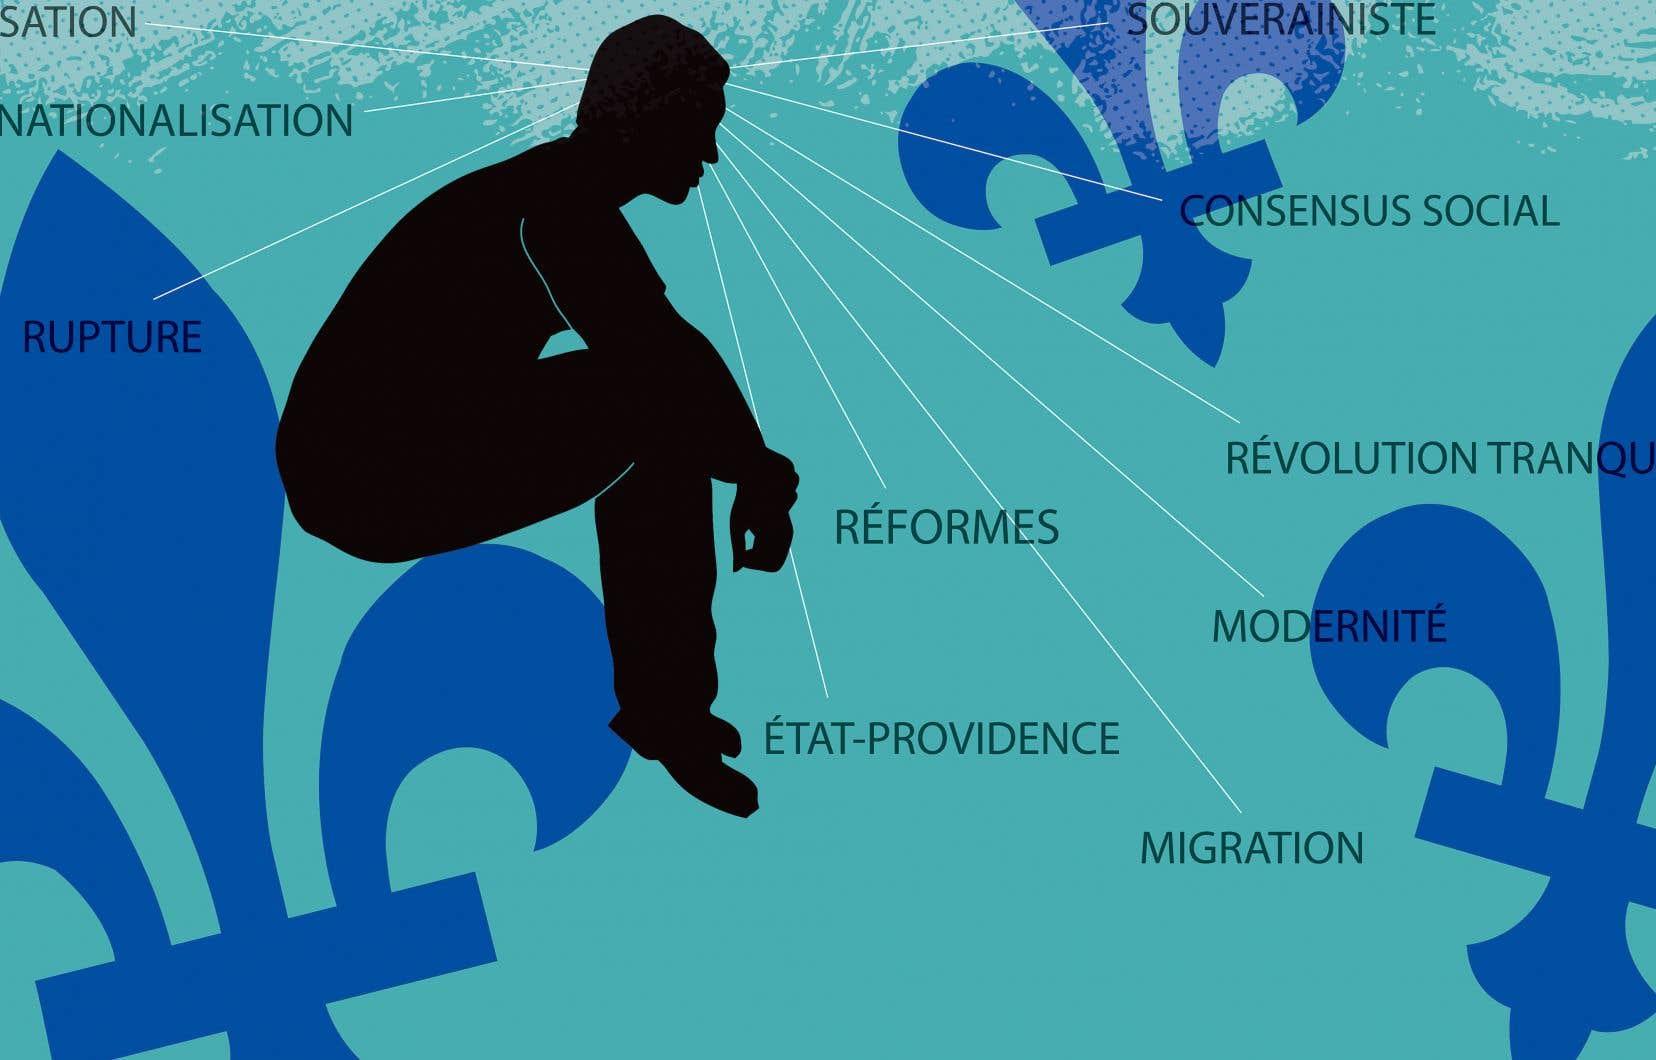 La culture politique québécoise s'est transformée sous l'effet d'un consensus largement répandu dans la société: celui considérant l'État provincial comme le garant du bien commun.